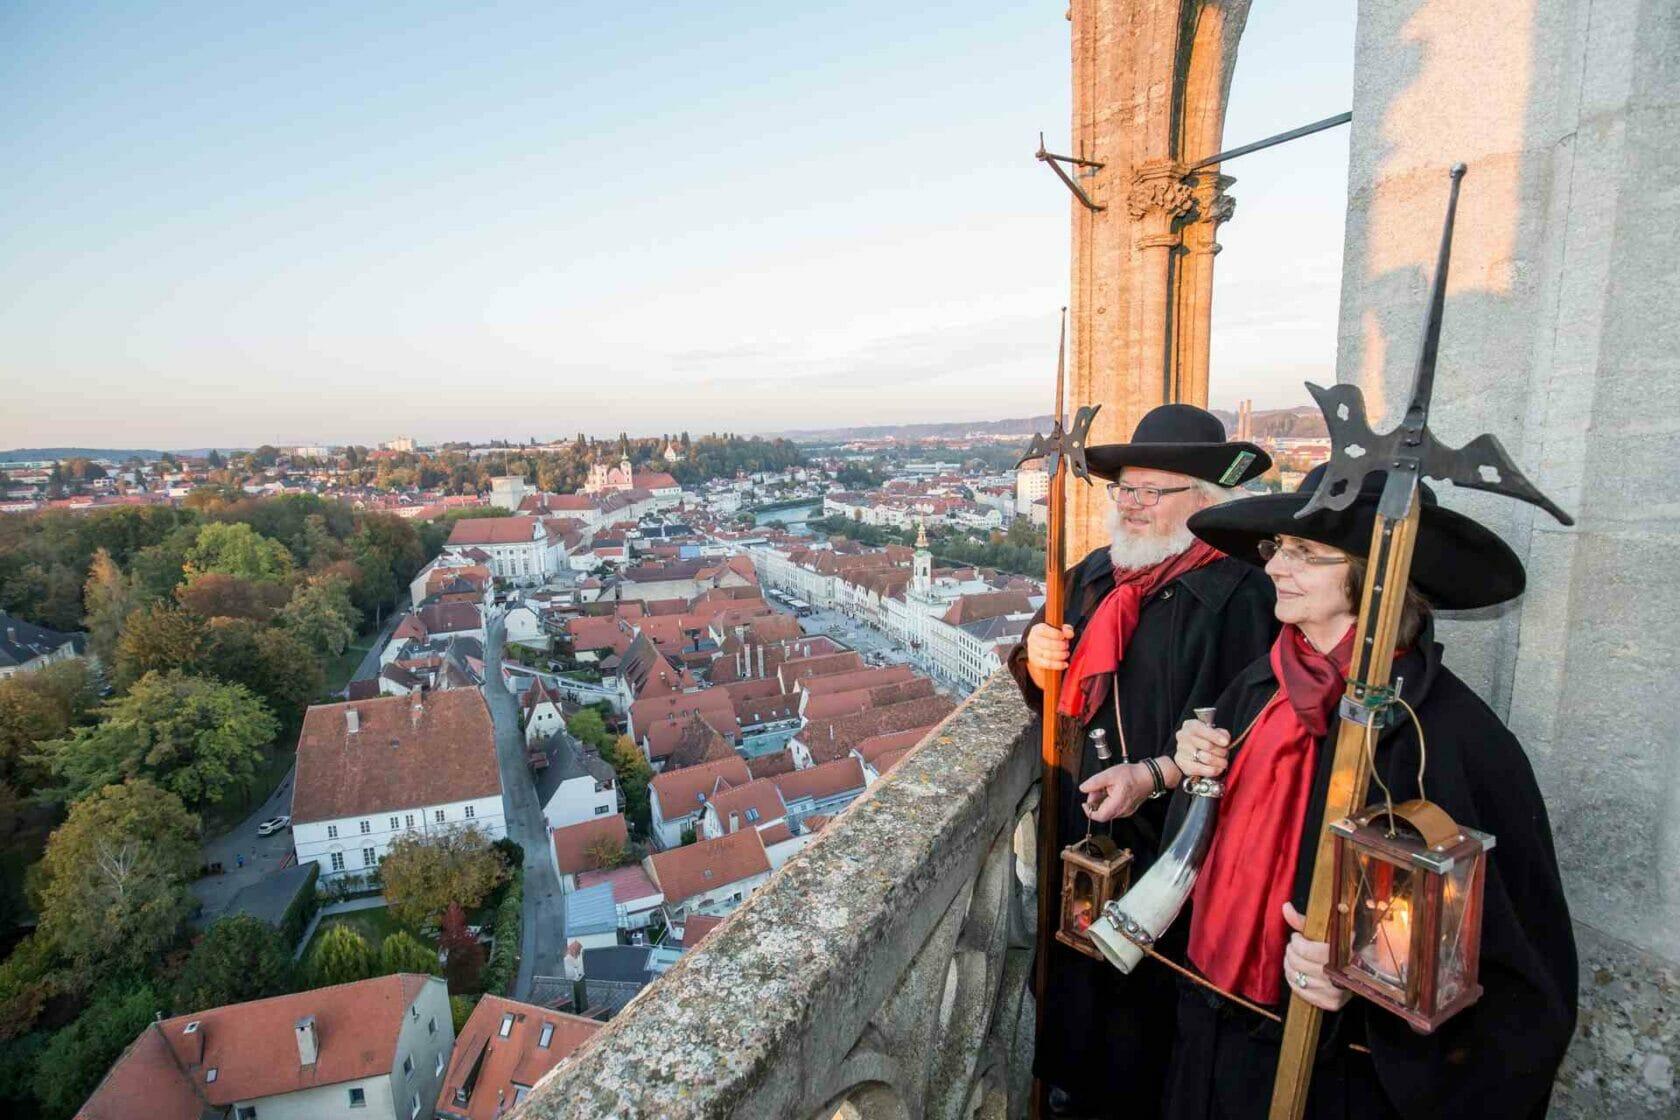 Nachtwächter Stadtpfarrkirchenturm in Steyr